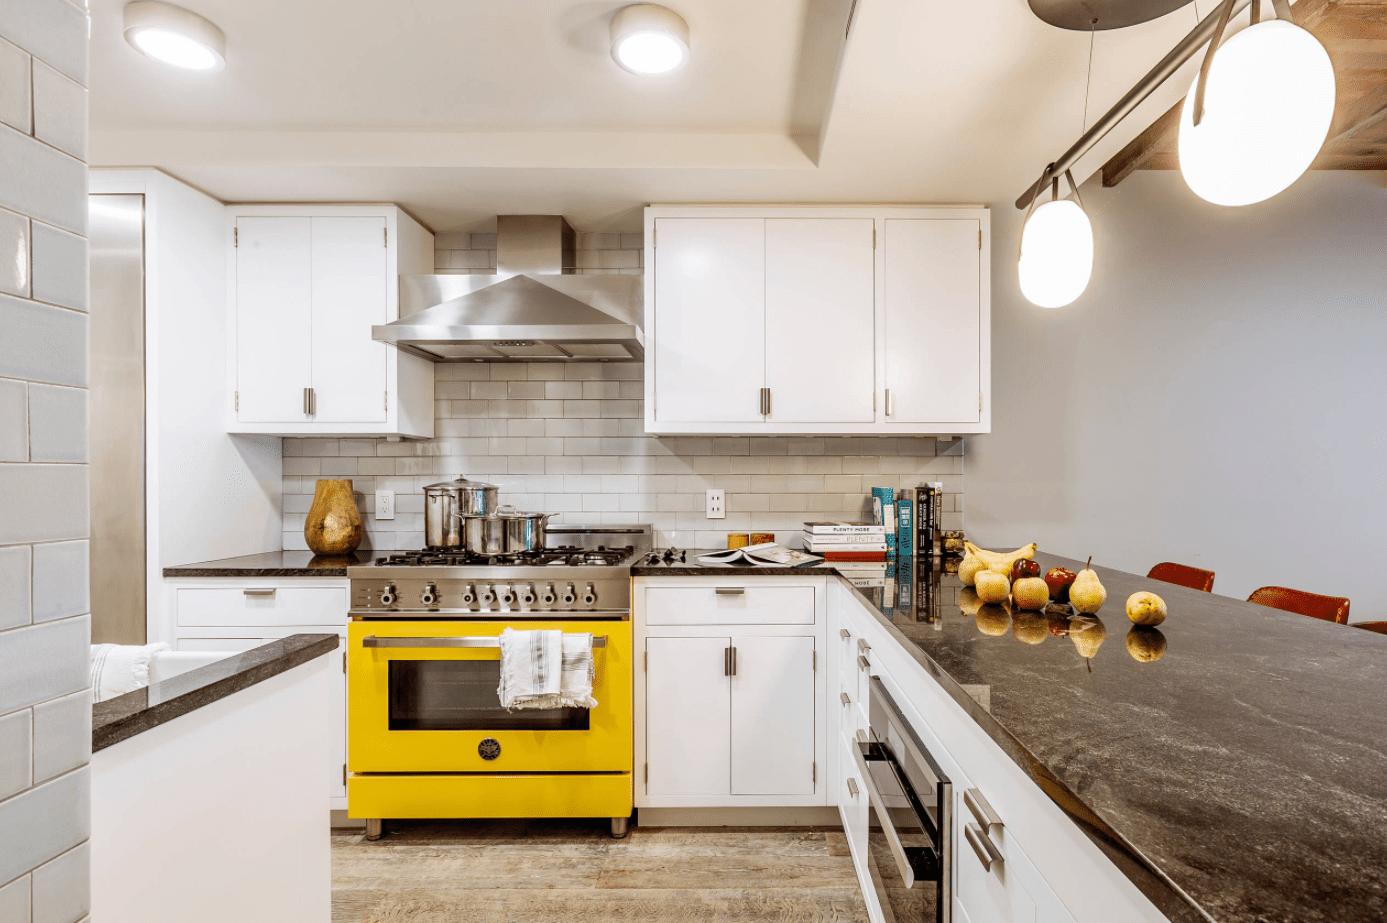 Yellow Bertazzoni kitchen range